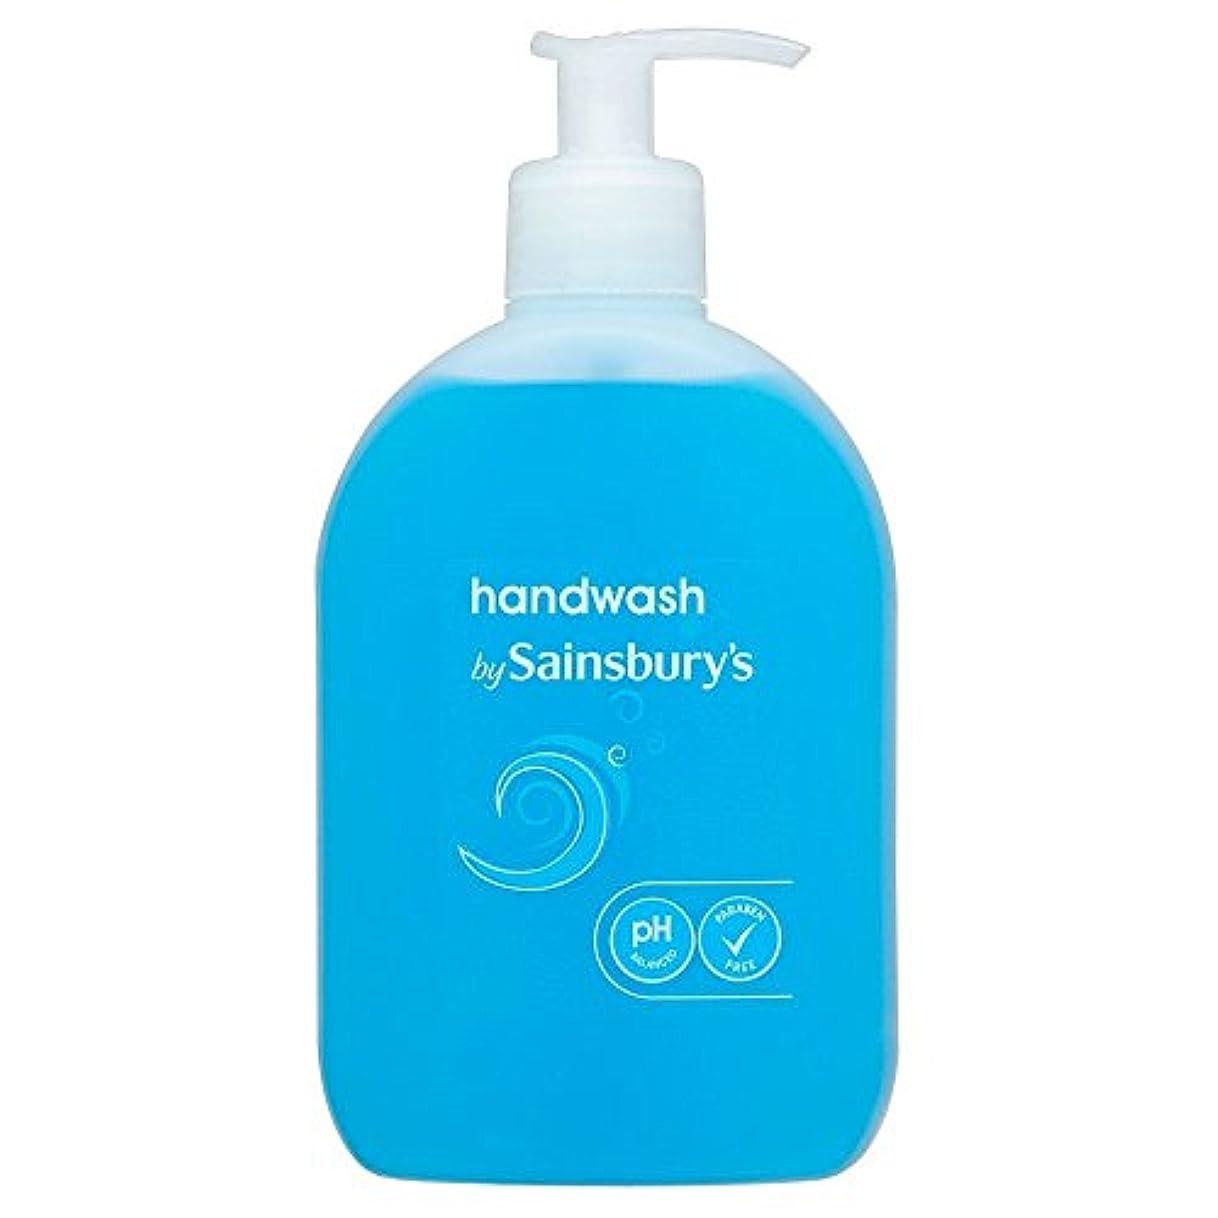 レオナルドダ自発的具体的にSainsbury's Handwash, Blue 500ml (Pack of 2) - (Sainsbury's) 手洗い、青500ミリリットル (x2) [並行輸入品]